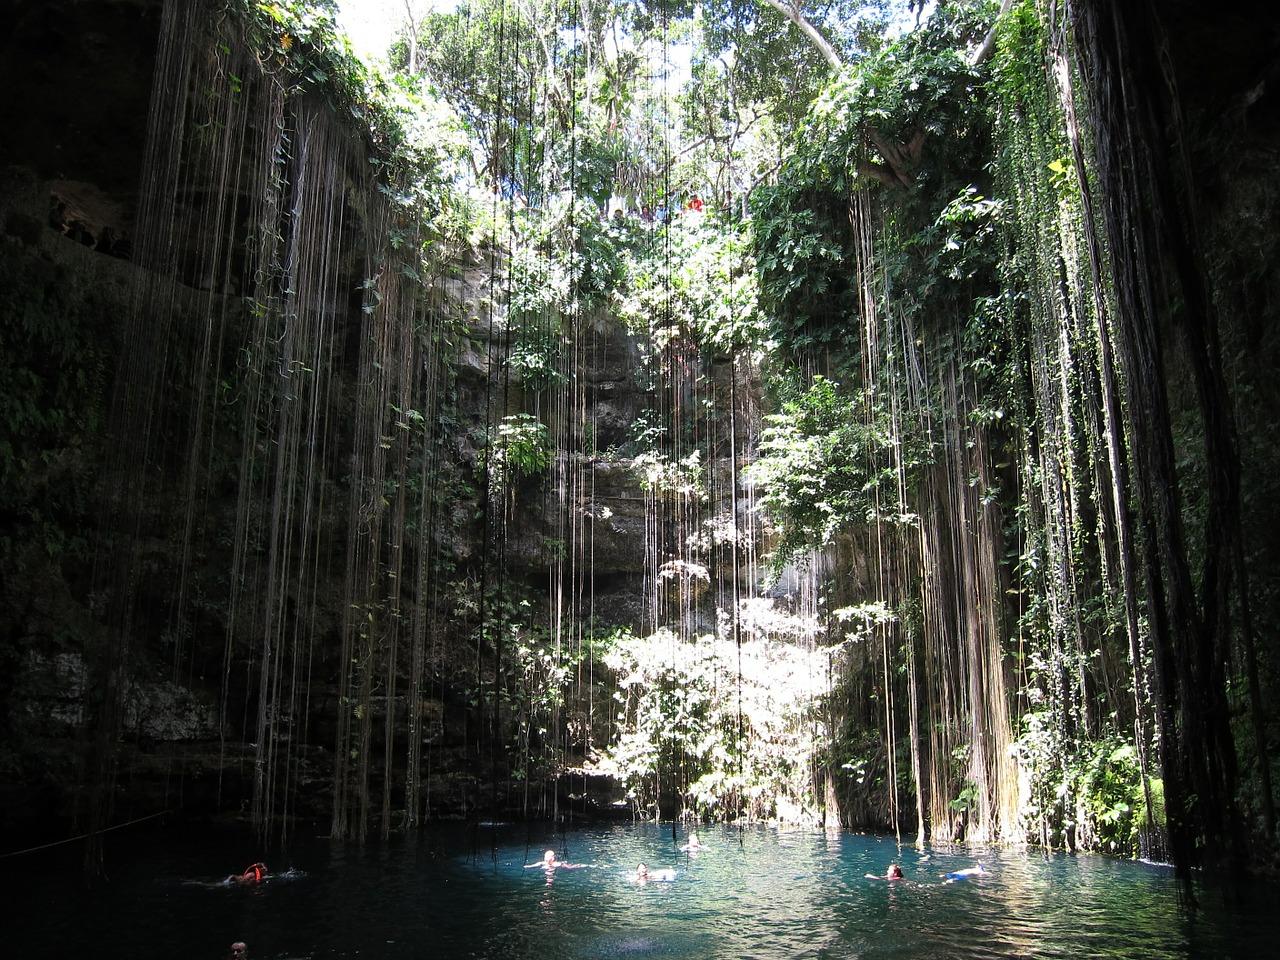 Unterwasserhöhle Tauchen in Mexikos Cenoten ab 28,84€ Unterwasser Höhle Carretera